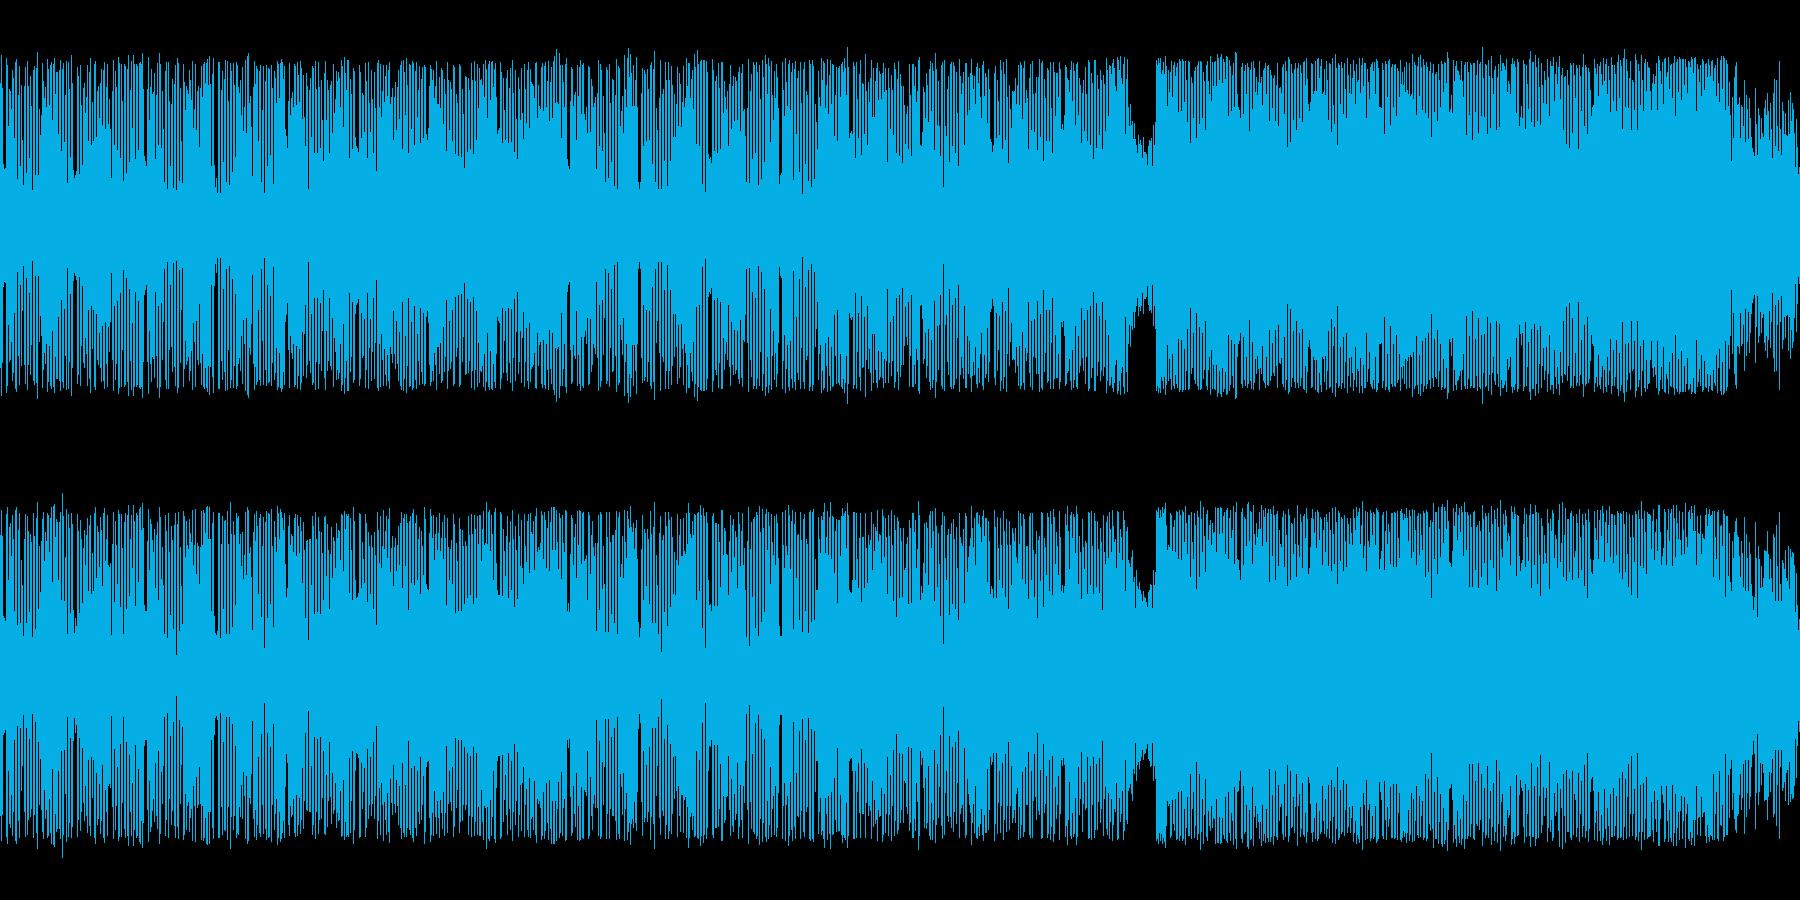 アクション向きの激しいチップチューンの再生済みの波形